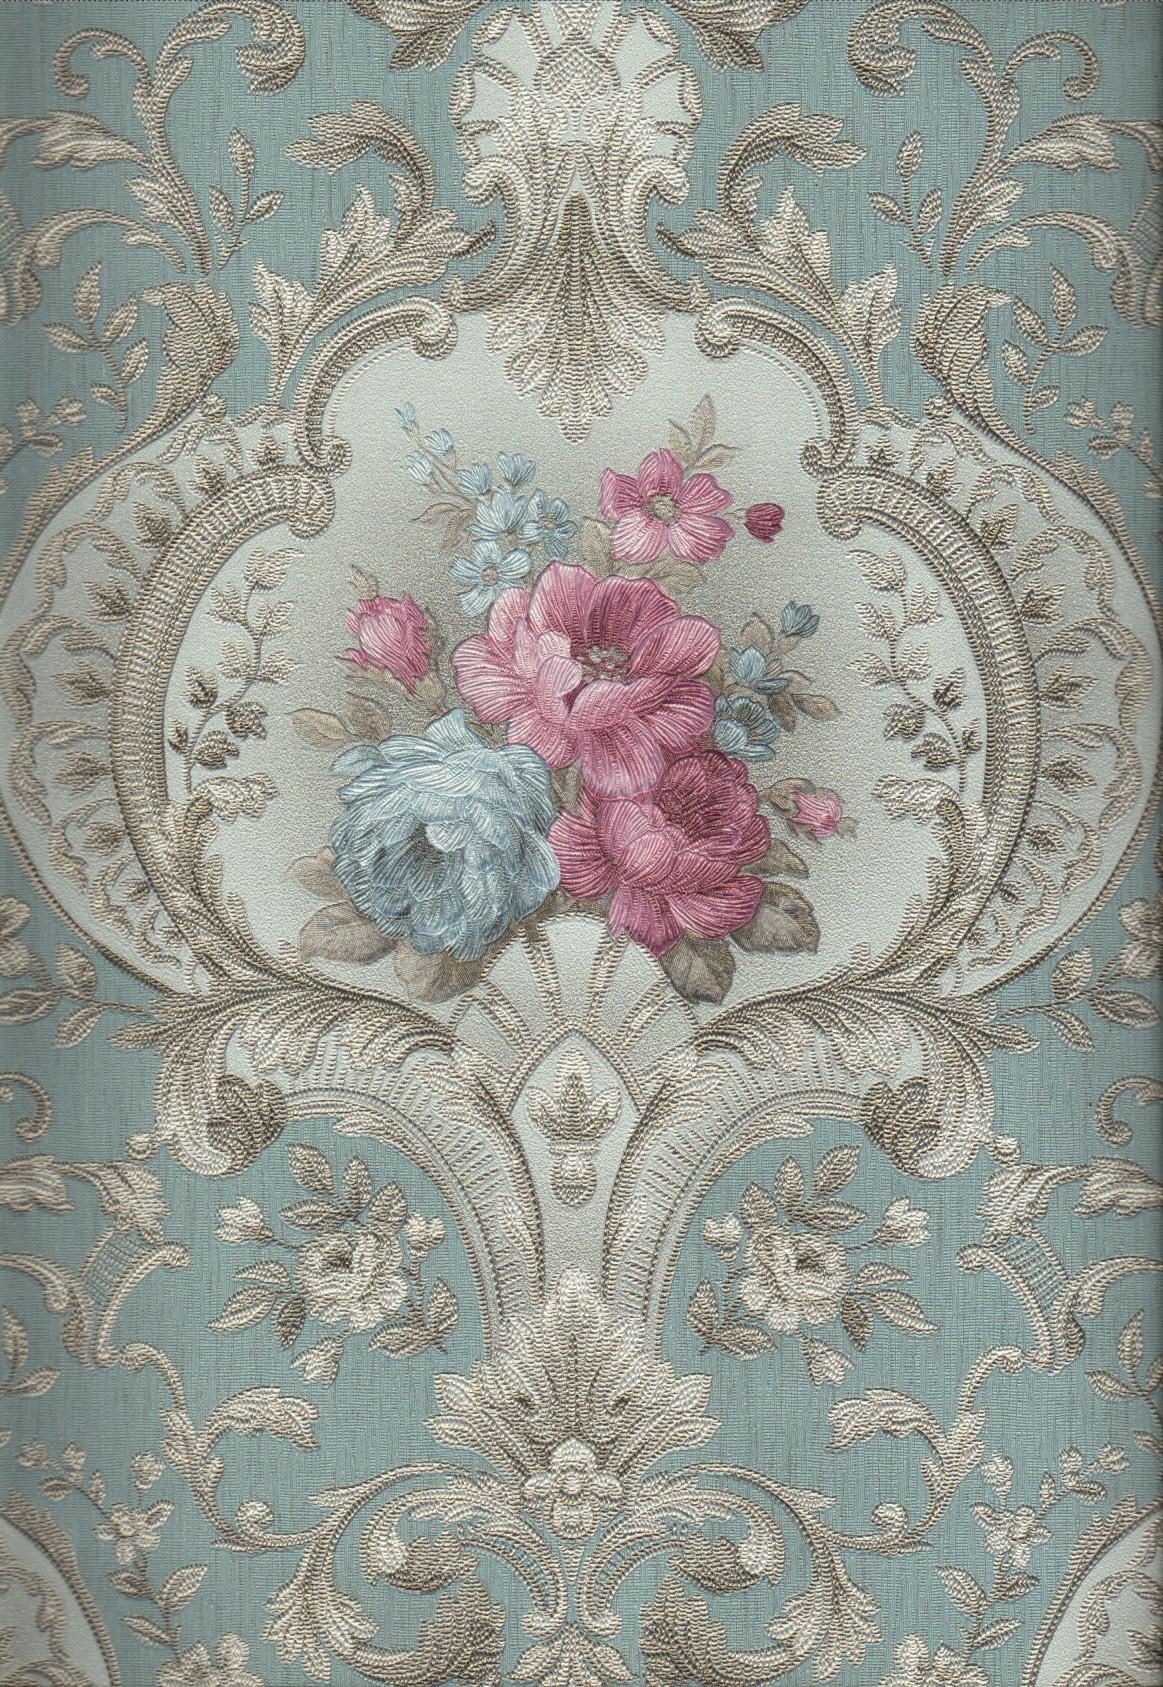 wallpaper   Wallpaper Bunga 4003-4:4003-4 corak  warna